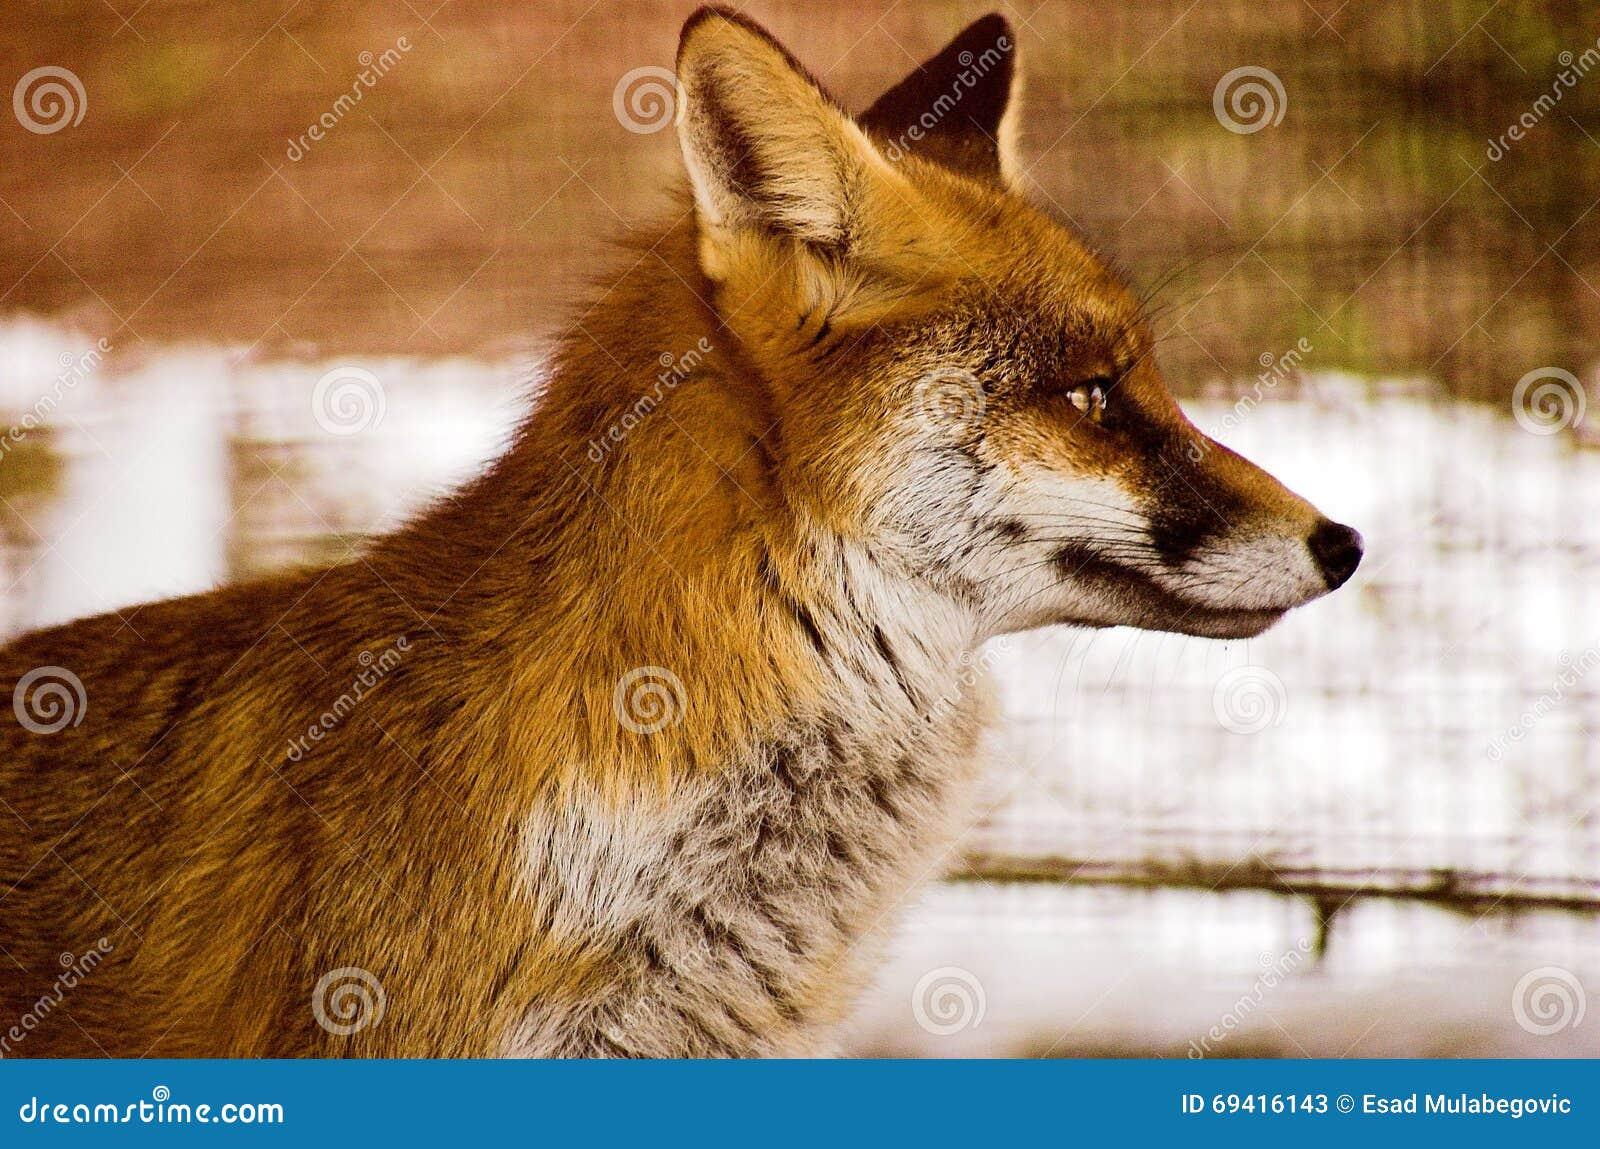 狐狸��h����j˞j���_狐狸